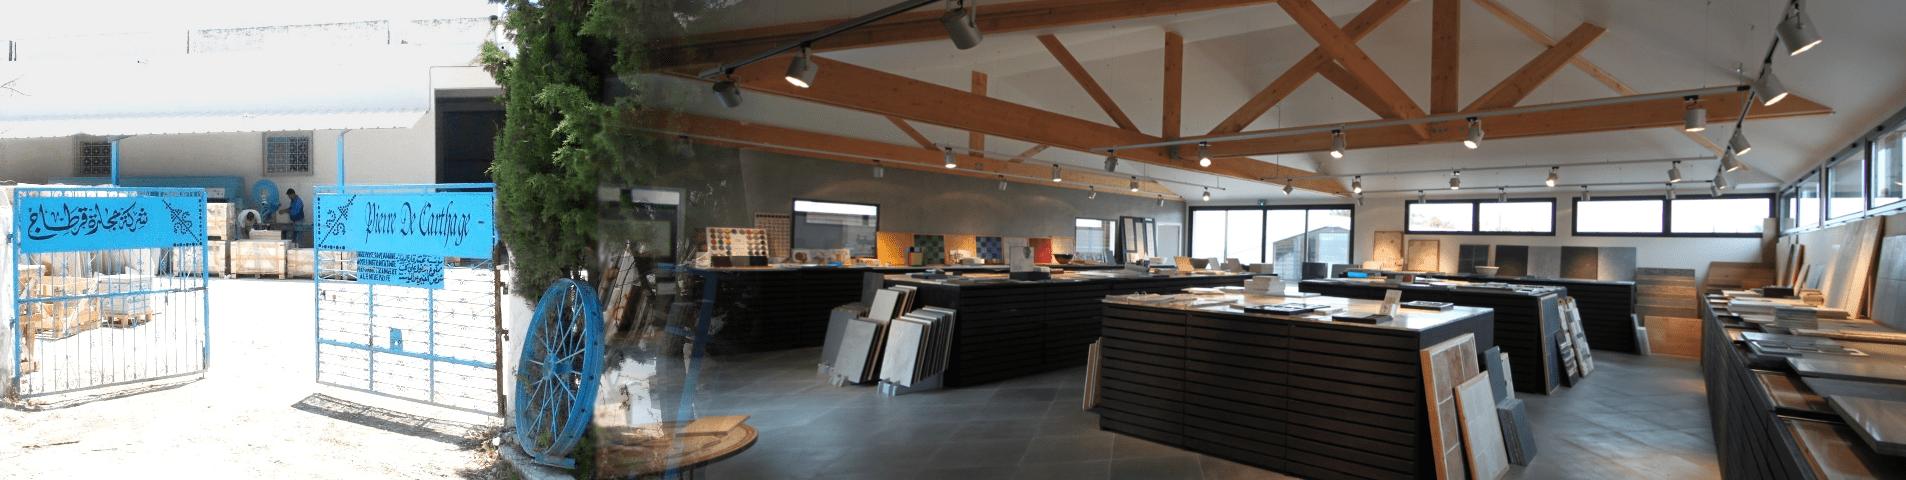 magasin sp cialiste du zellige paris palatino. Black Bedroom Furniture Sets. Home Design Ideas